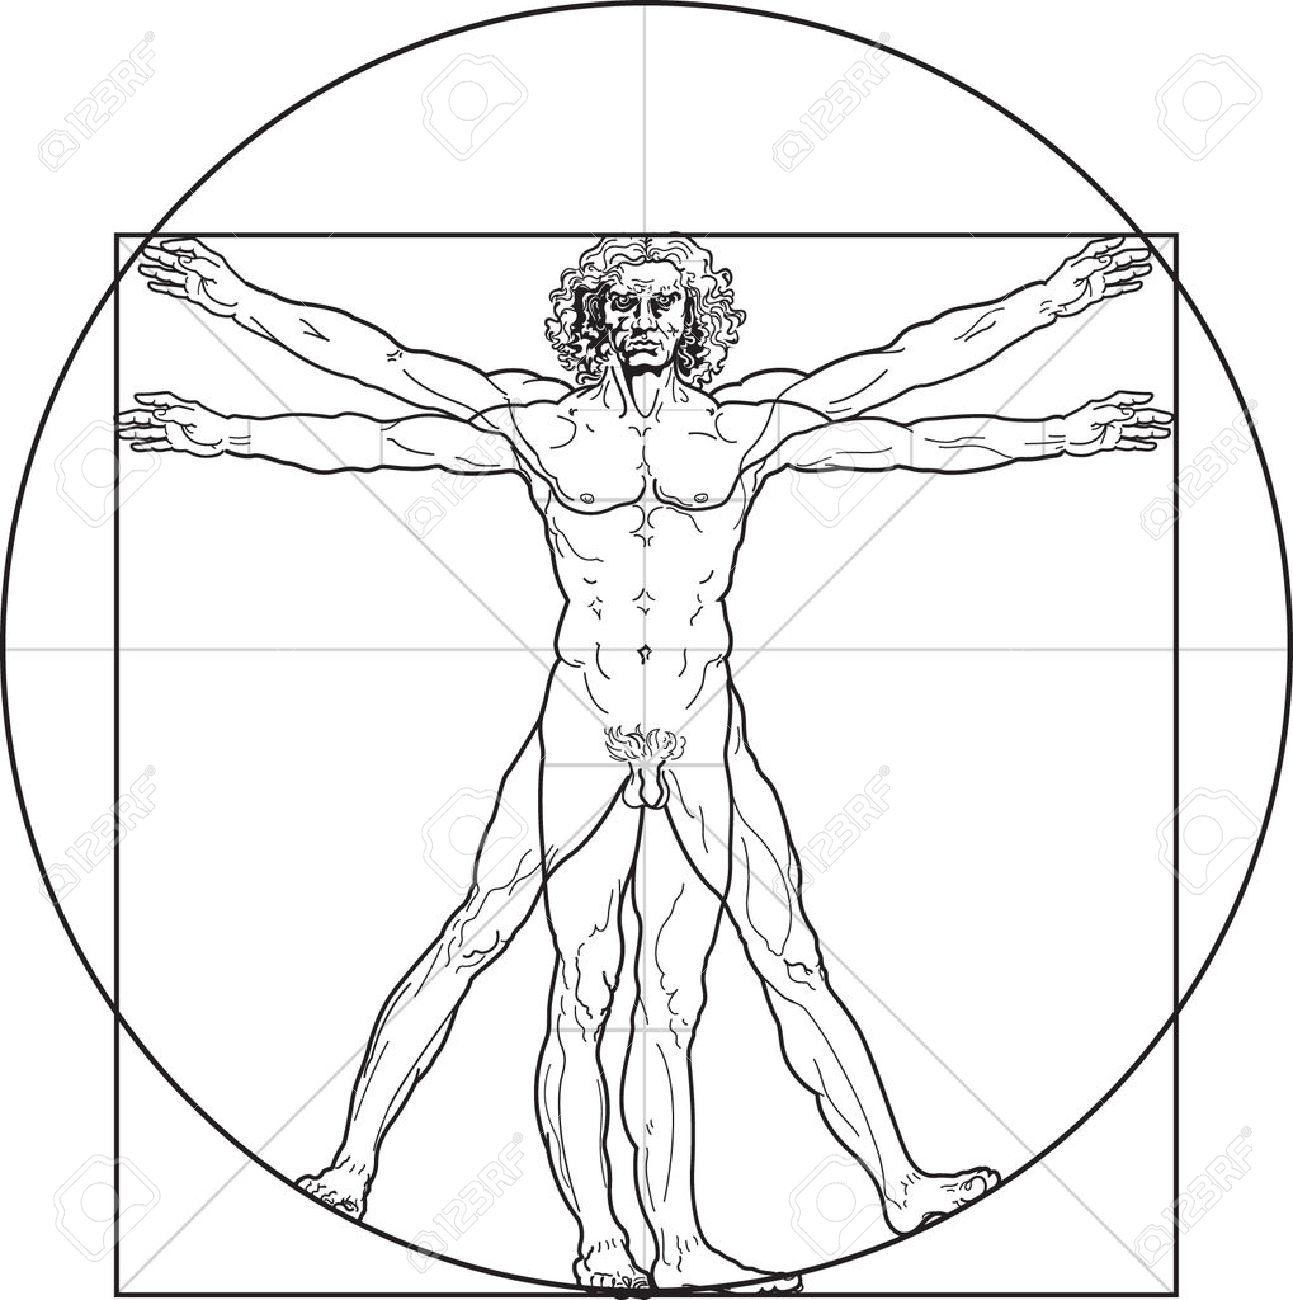 L'uomo Vitruviano, O Almeno Così Ha Chiamato L'uomo Di Leonardo.